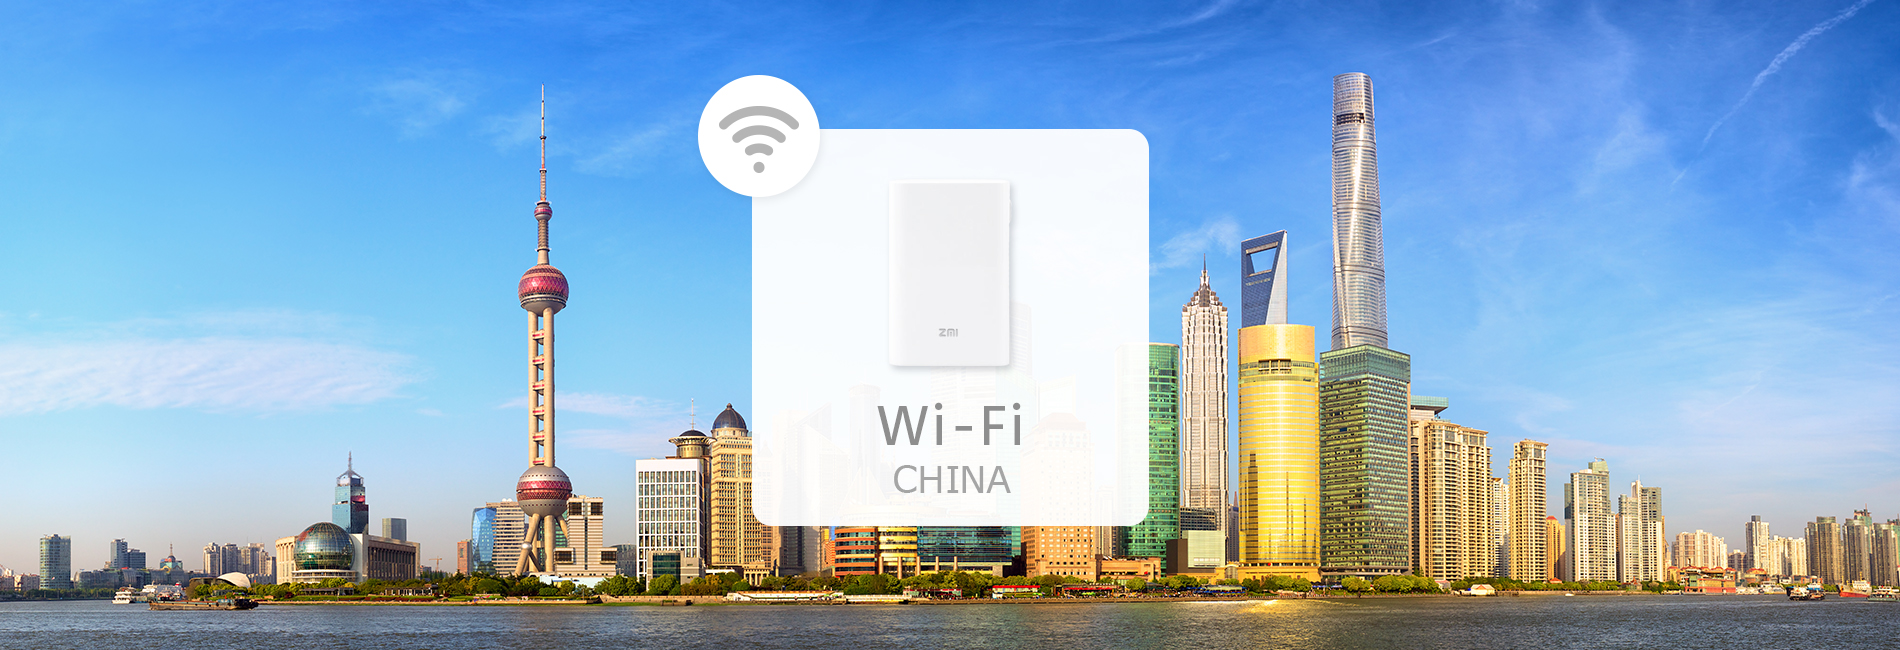 China 4G Portable Wi-Fi Rental (Pick-Up at Taiwan Airports)